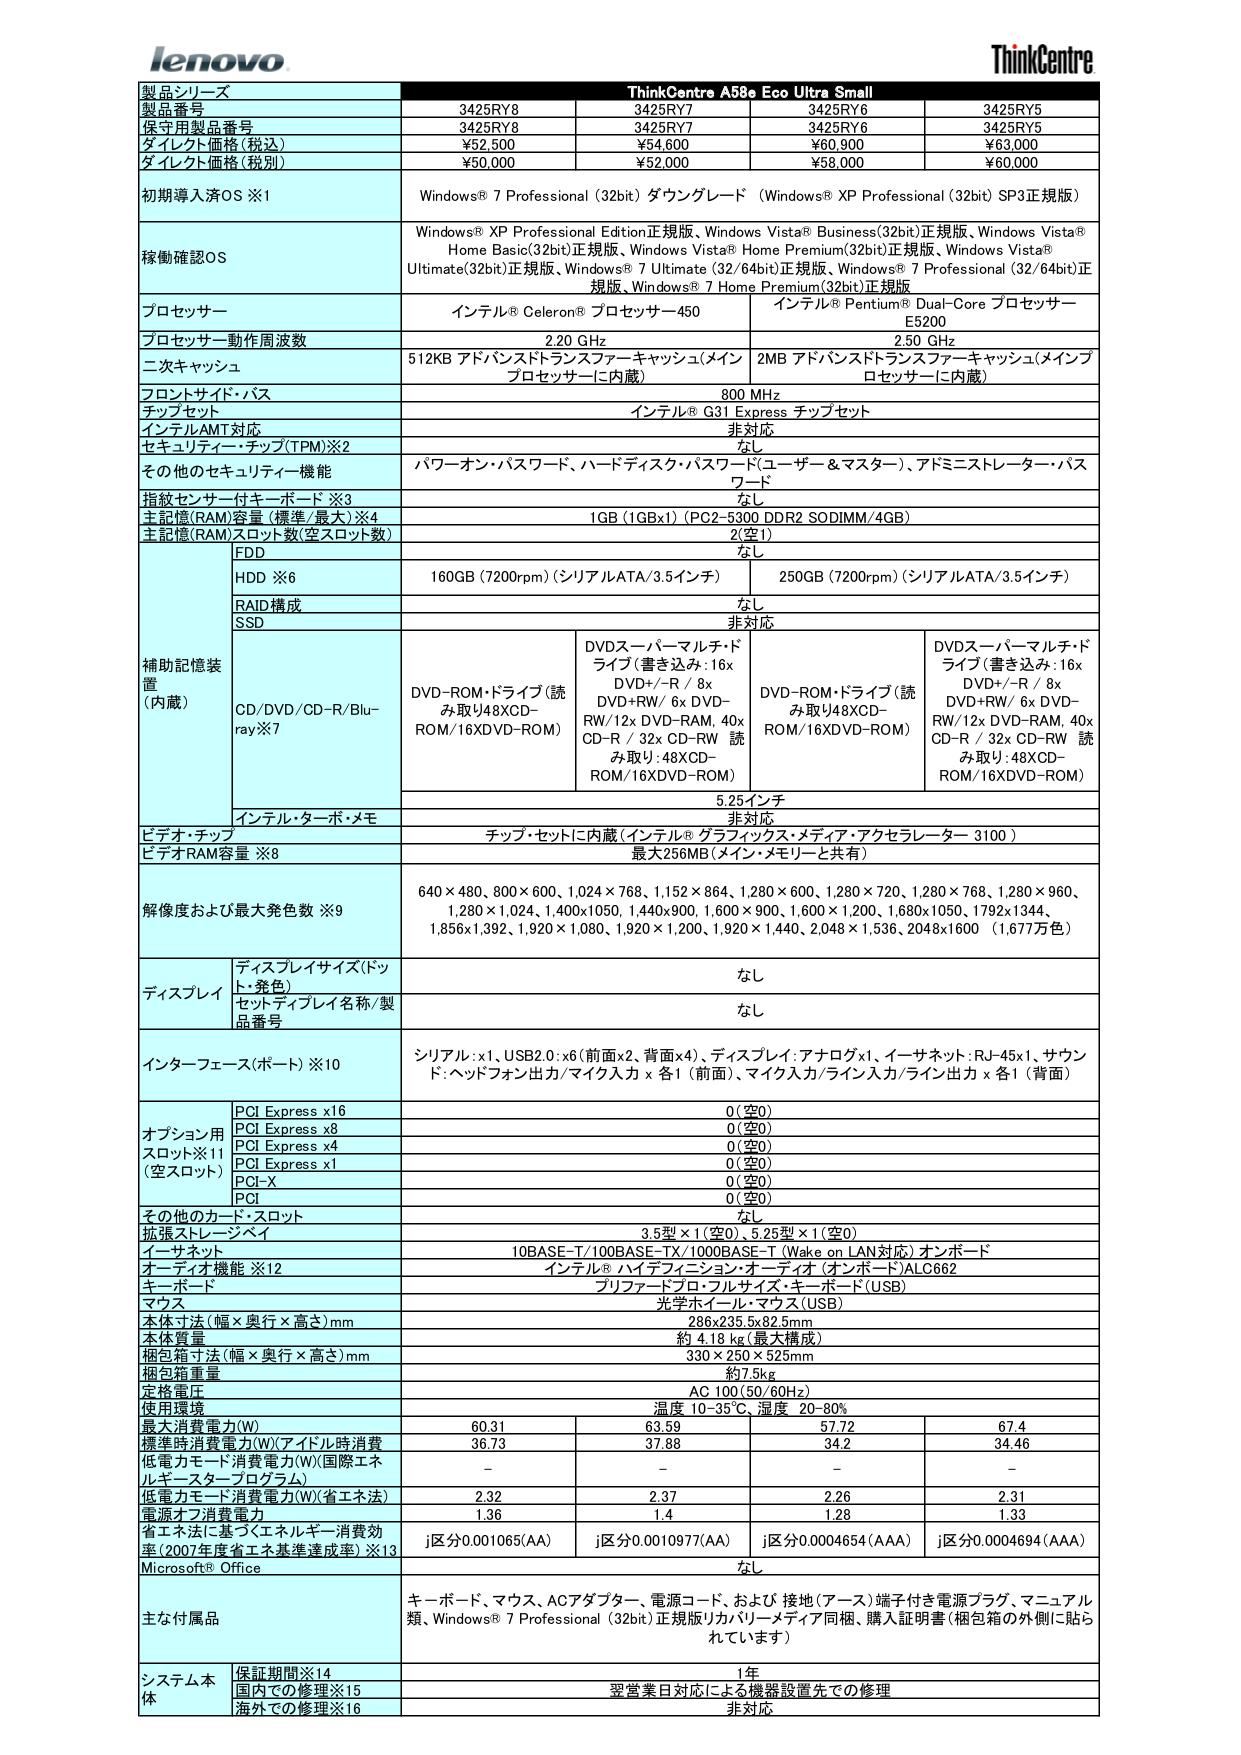 pdf for Lenovo Desktop ThinkCentre A58e 3425 manual